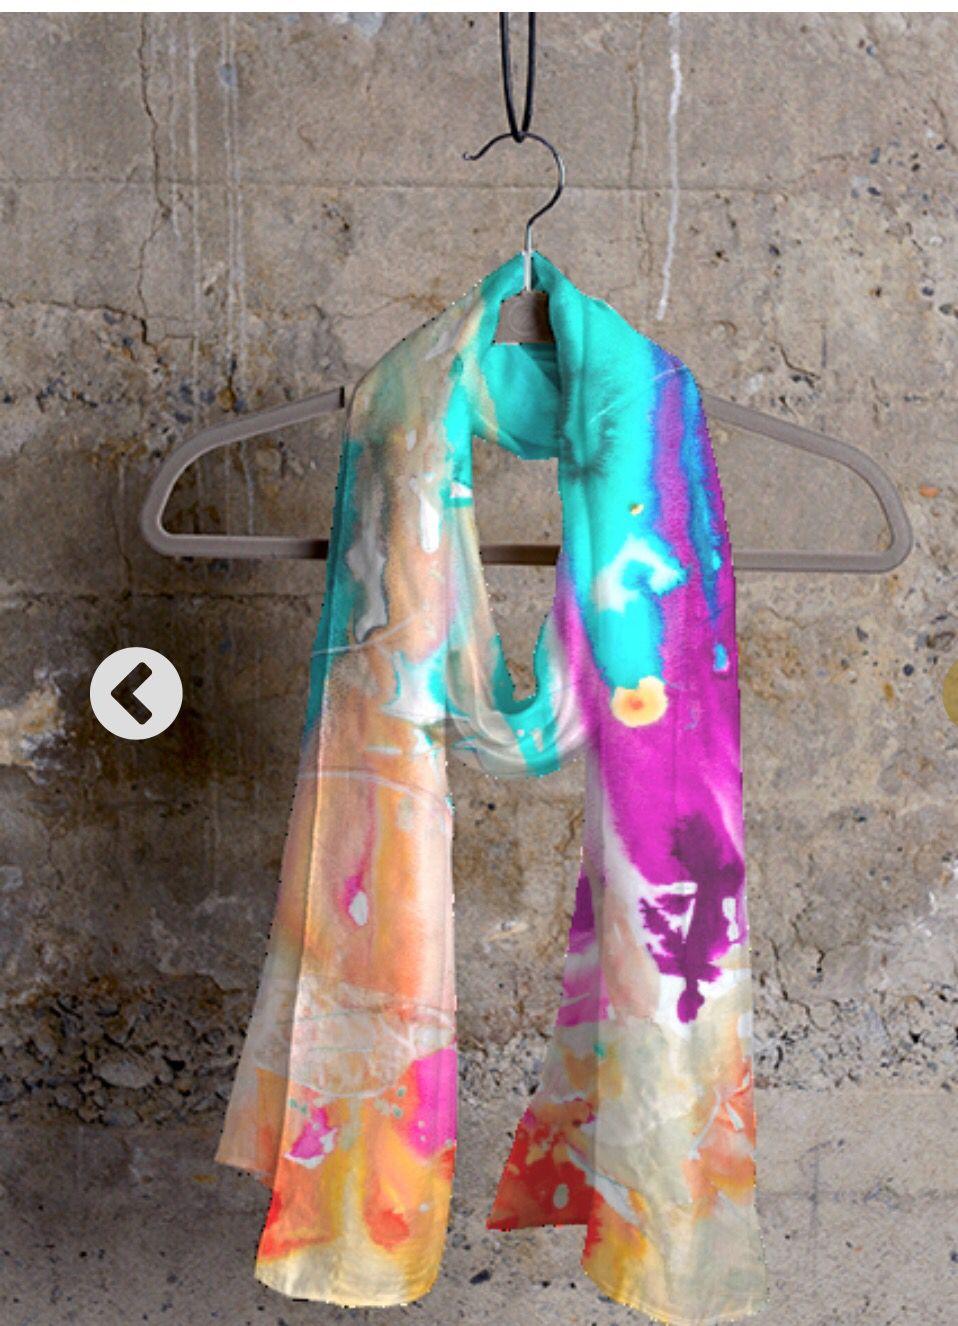 Cashmere Silk Scarf - Feel The Love Scarf by VIDA VIDA E4NpkH6xr